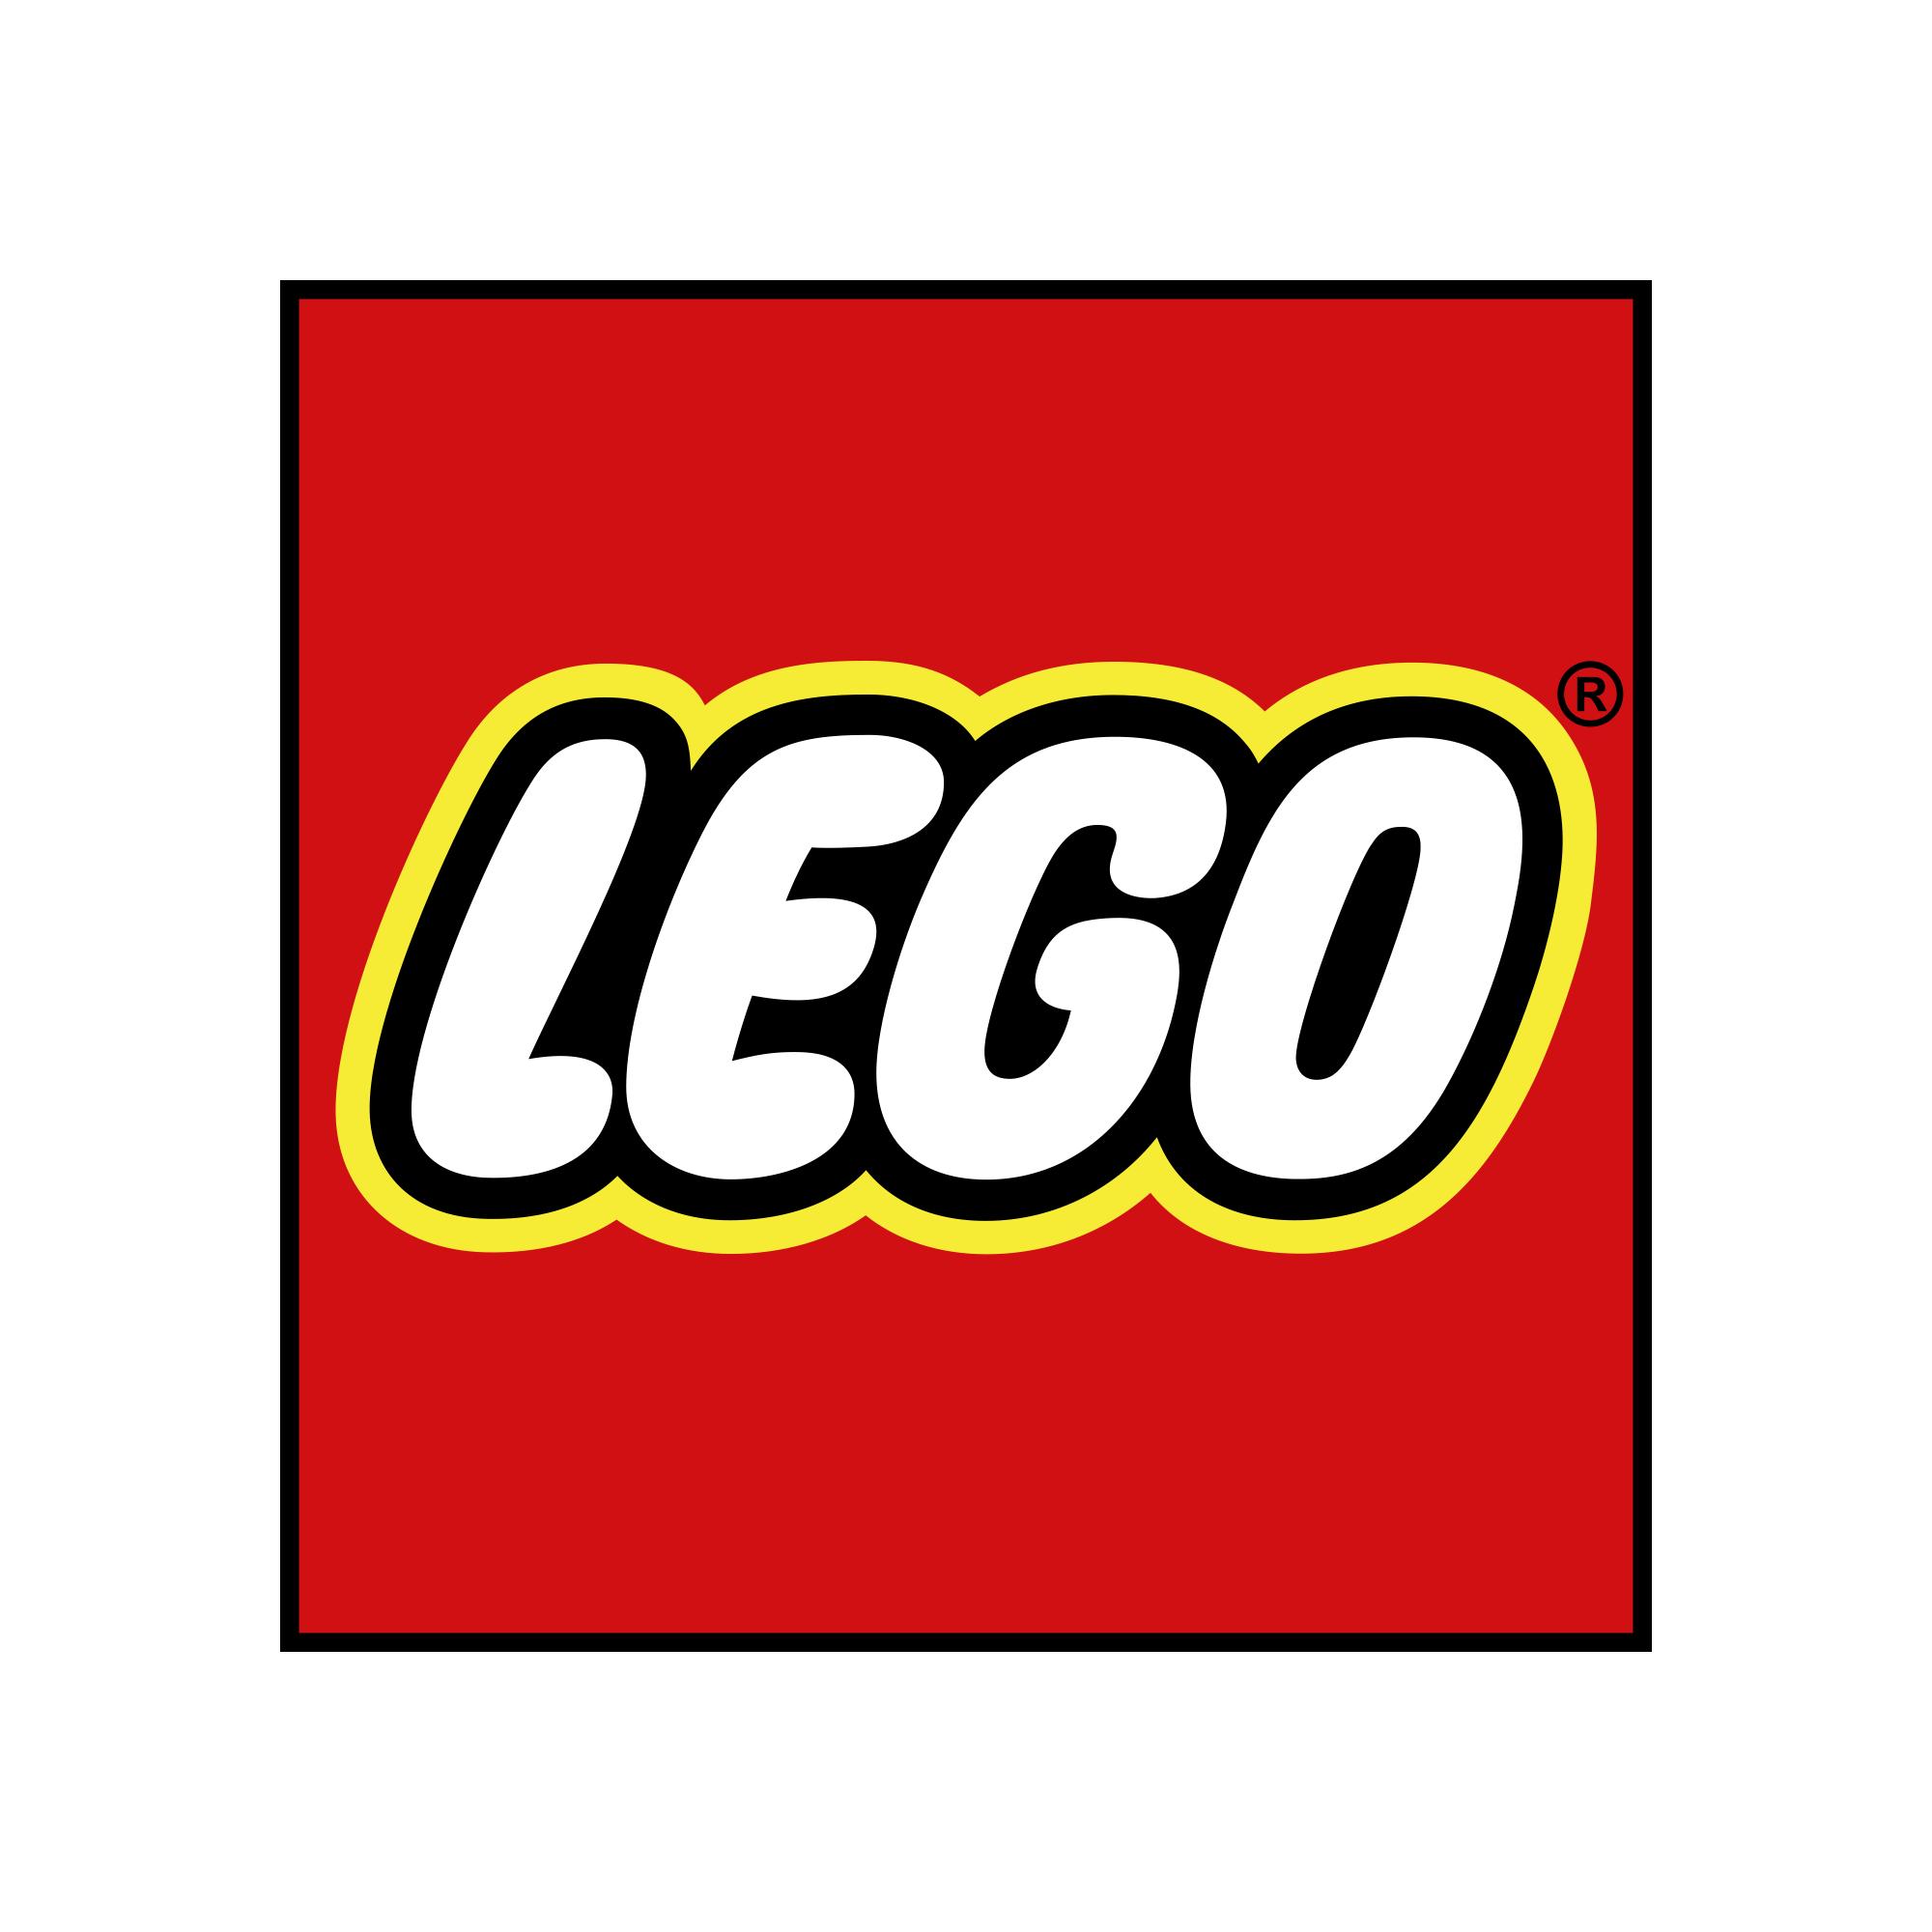 Un cadeau mystère offert dès 15€ d'achat dans le Lego Store en payant avec Paypal